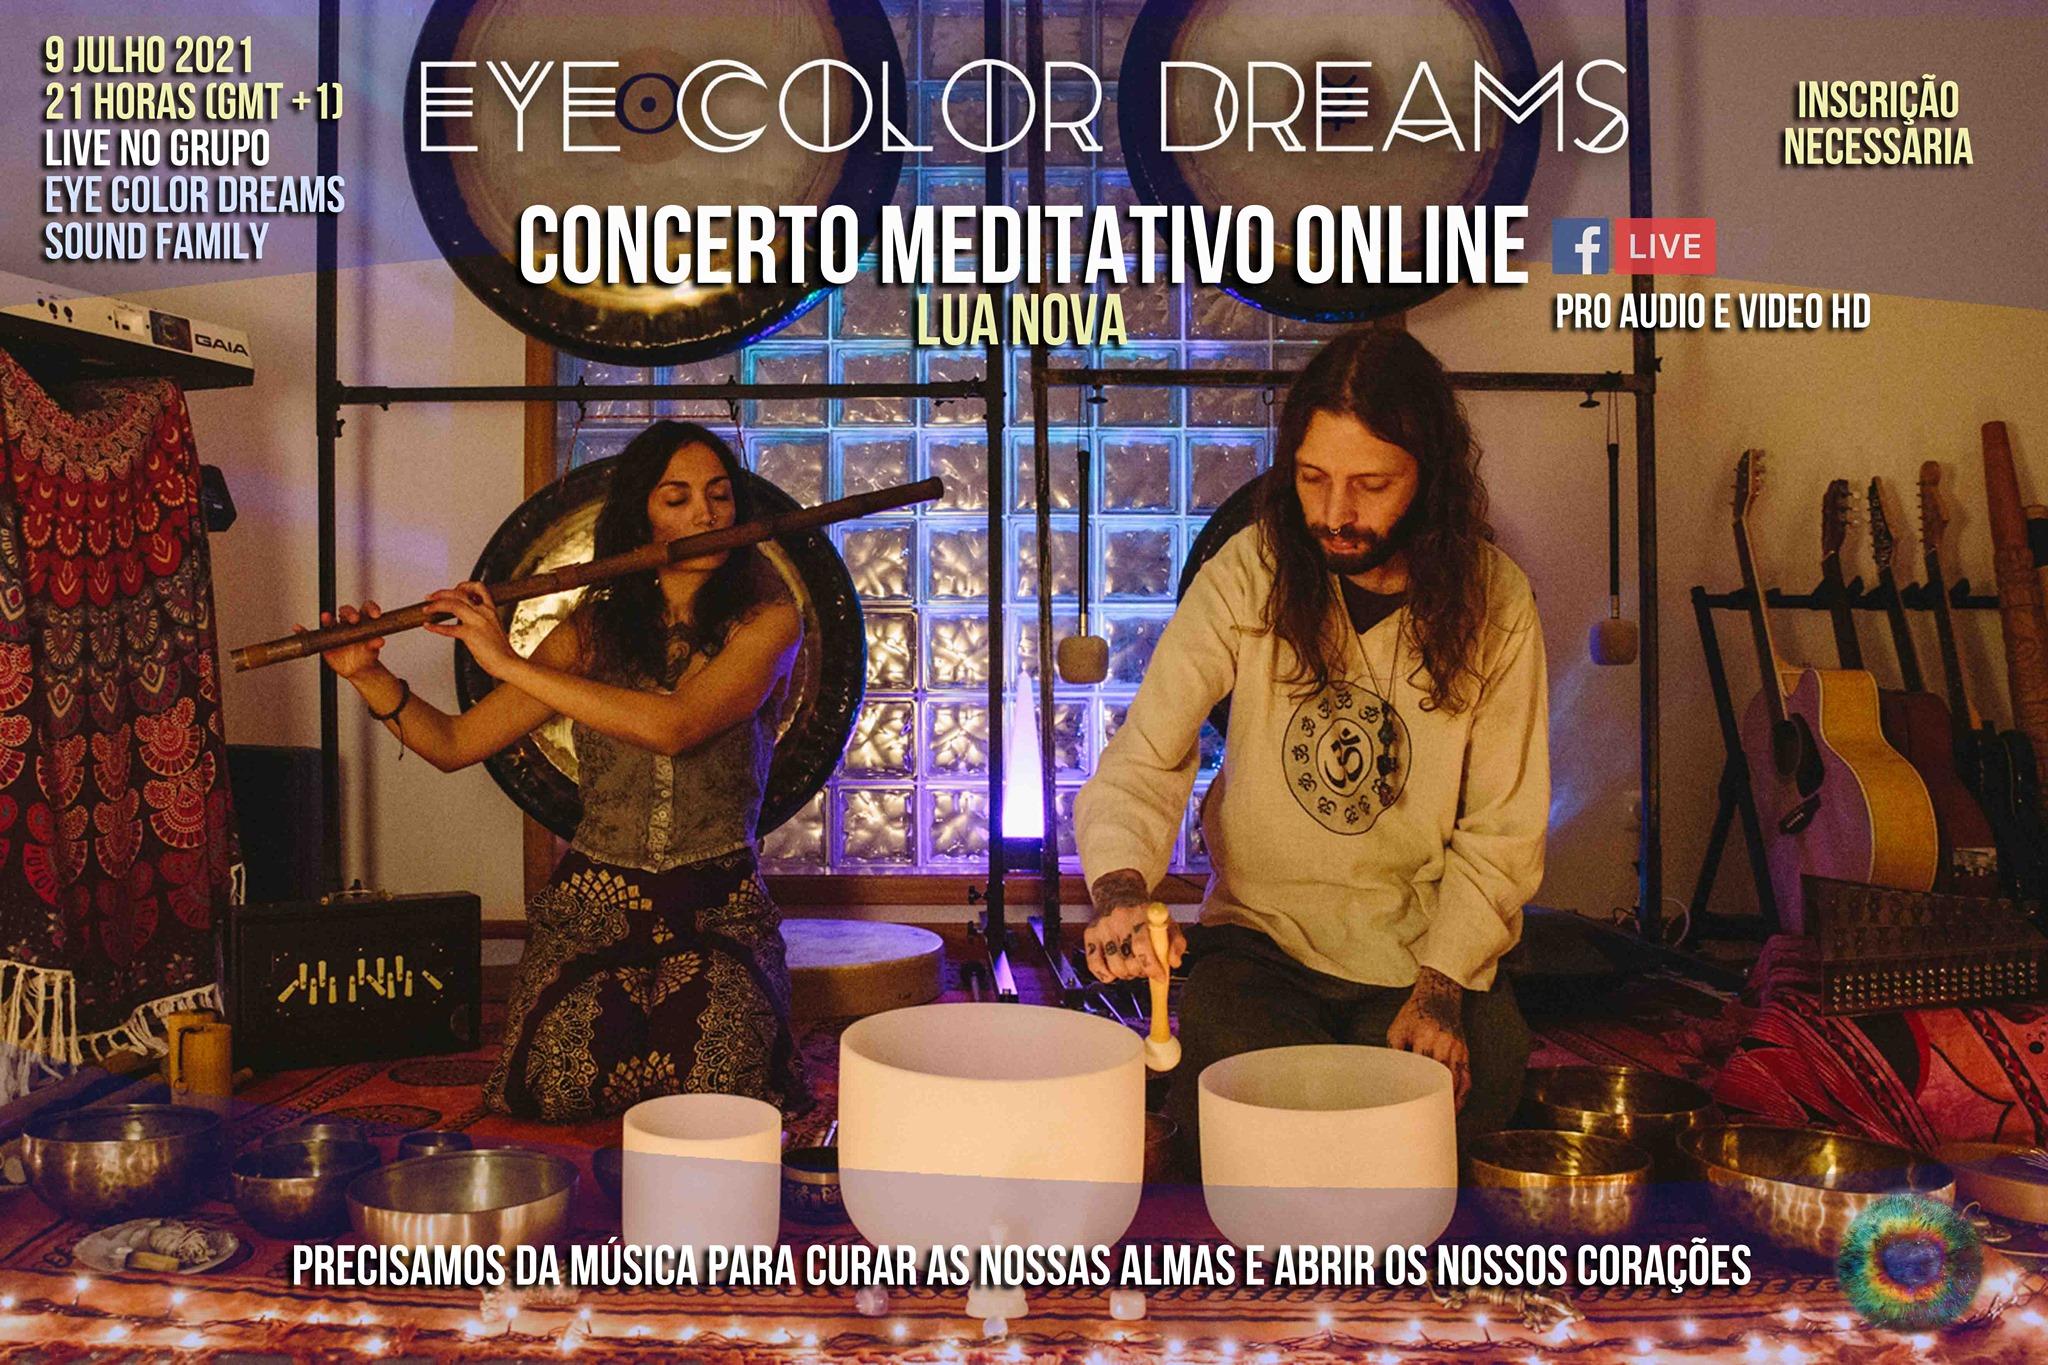 Concerto Meditativo Online (Lua Nova) - Eye Color Dreams